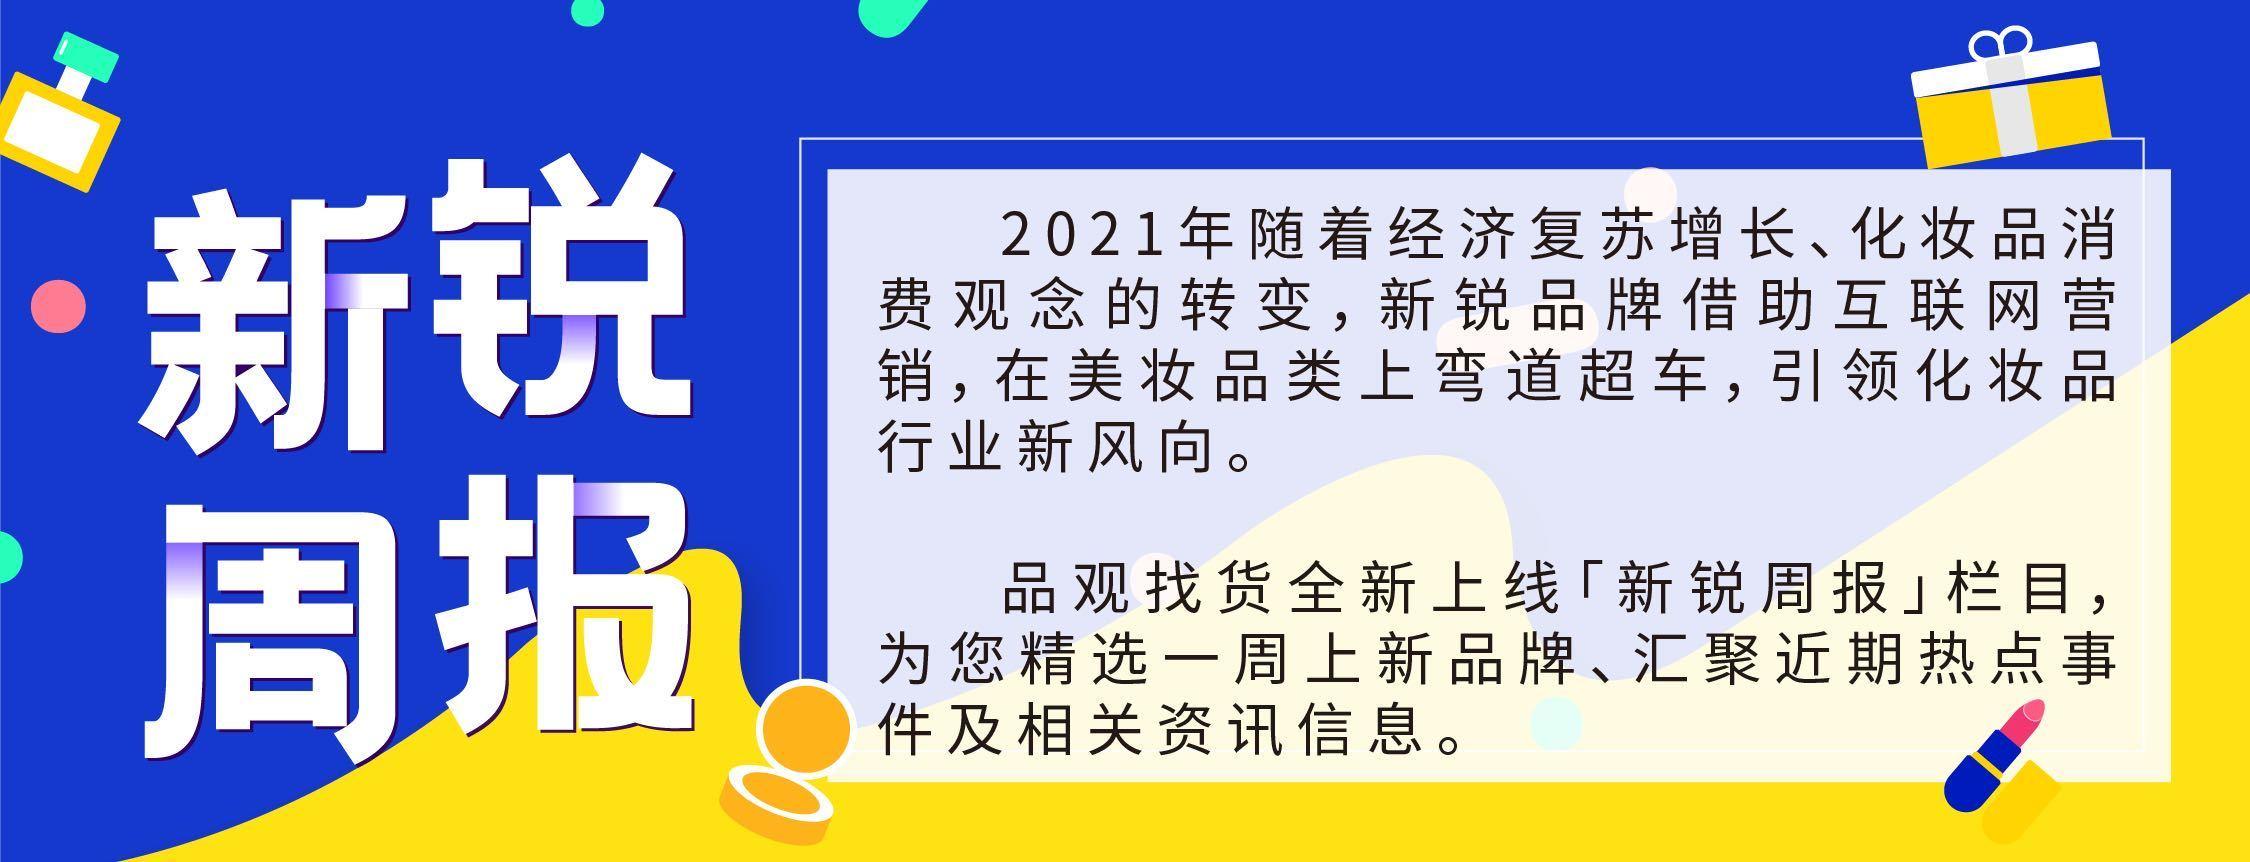 微信圖片_20210629165628.jpg